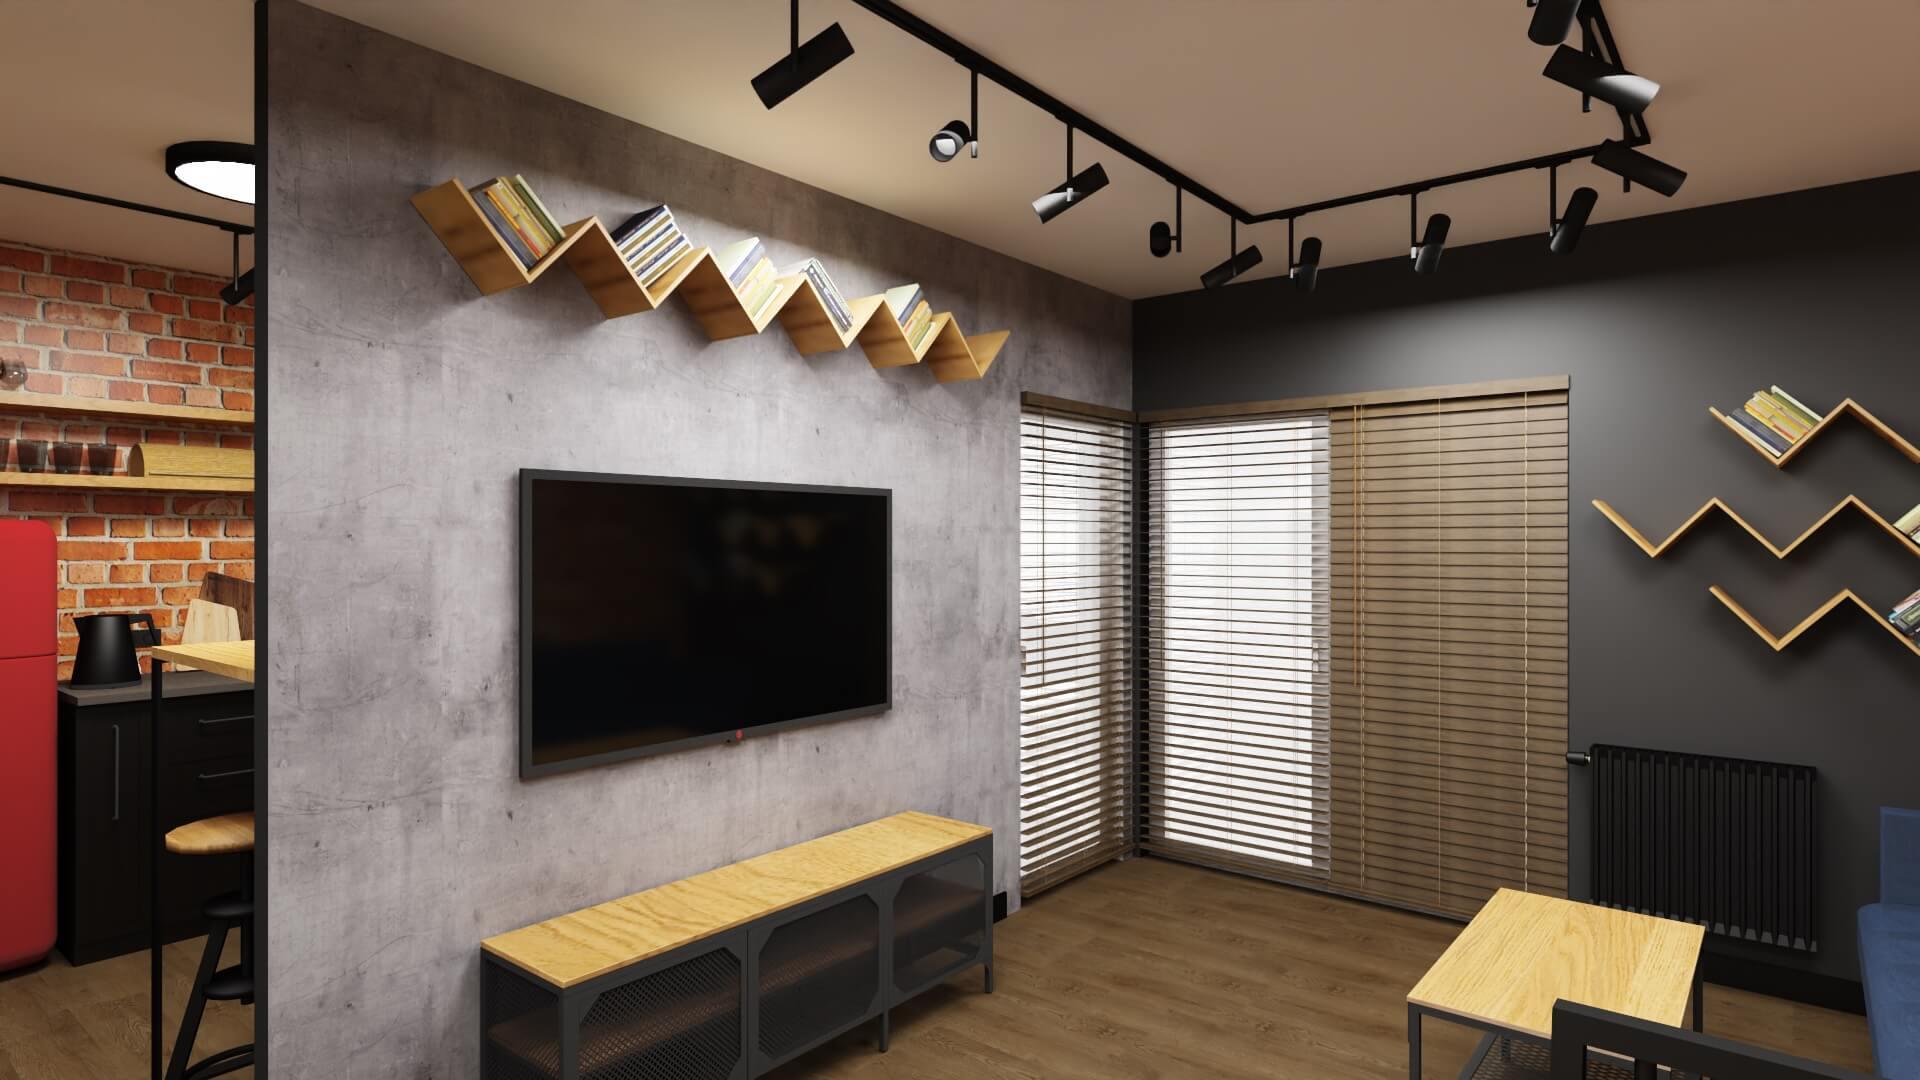 męskie mieszkanie projekt salonu - betonowa ściana z TV